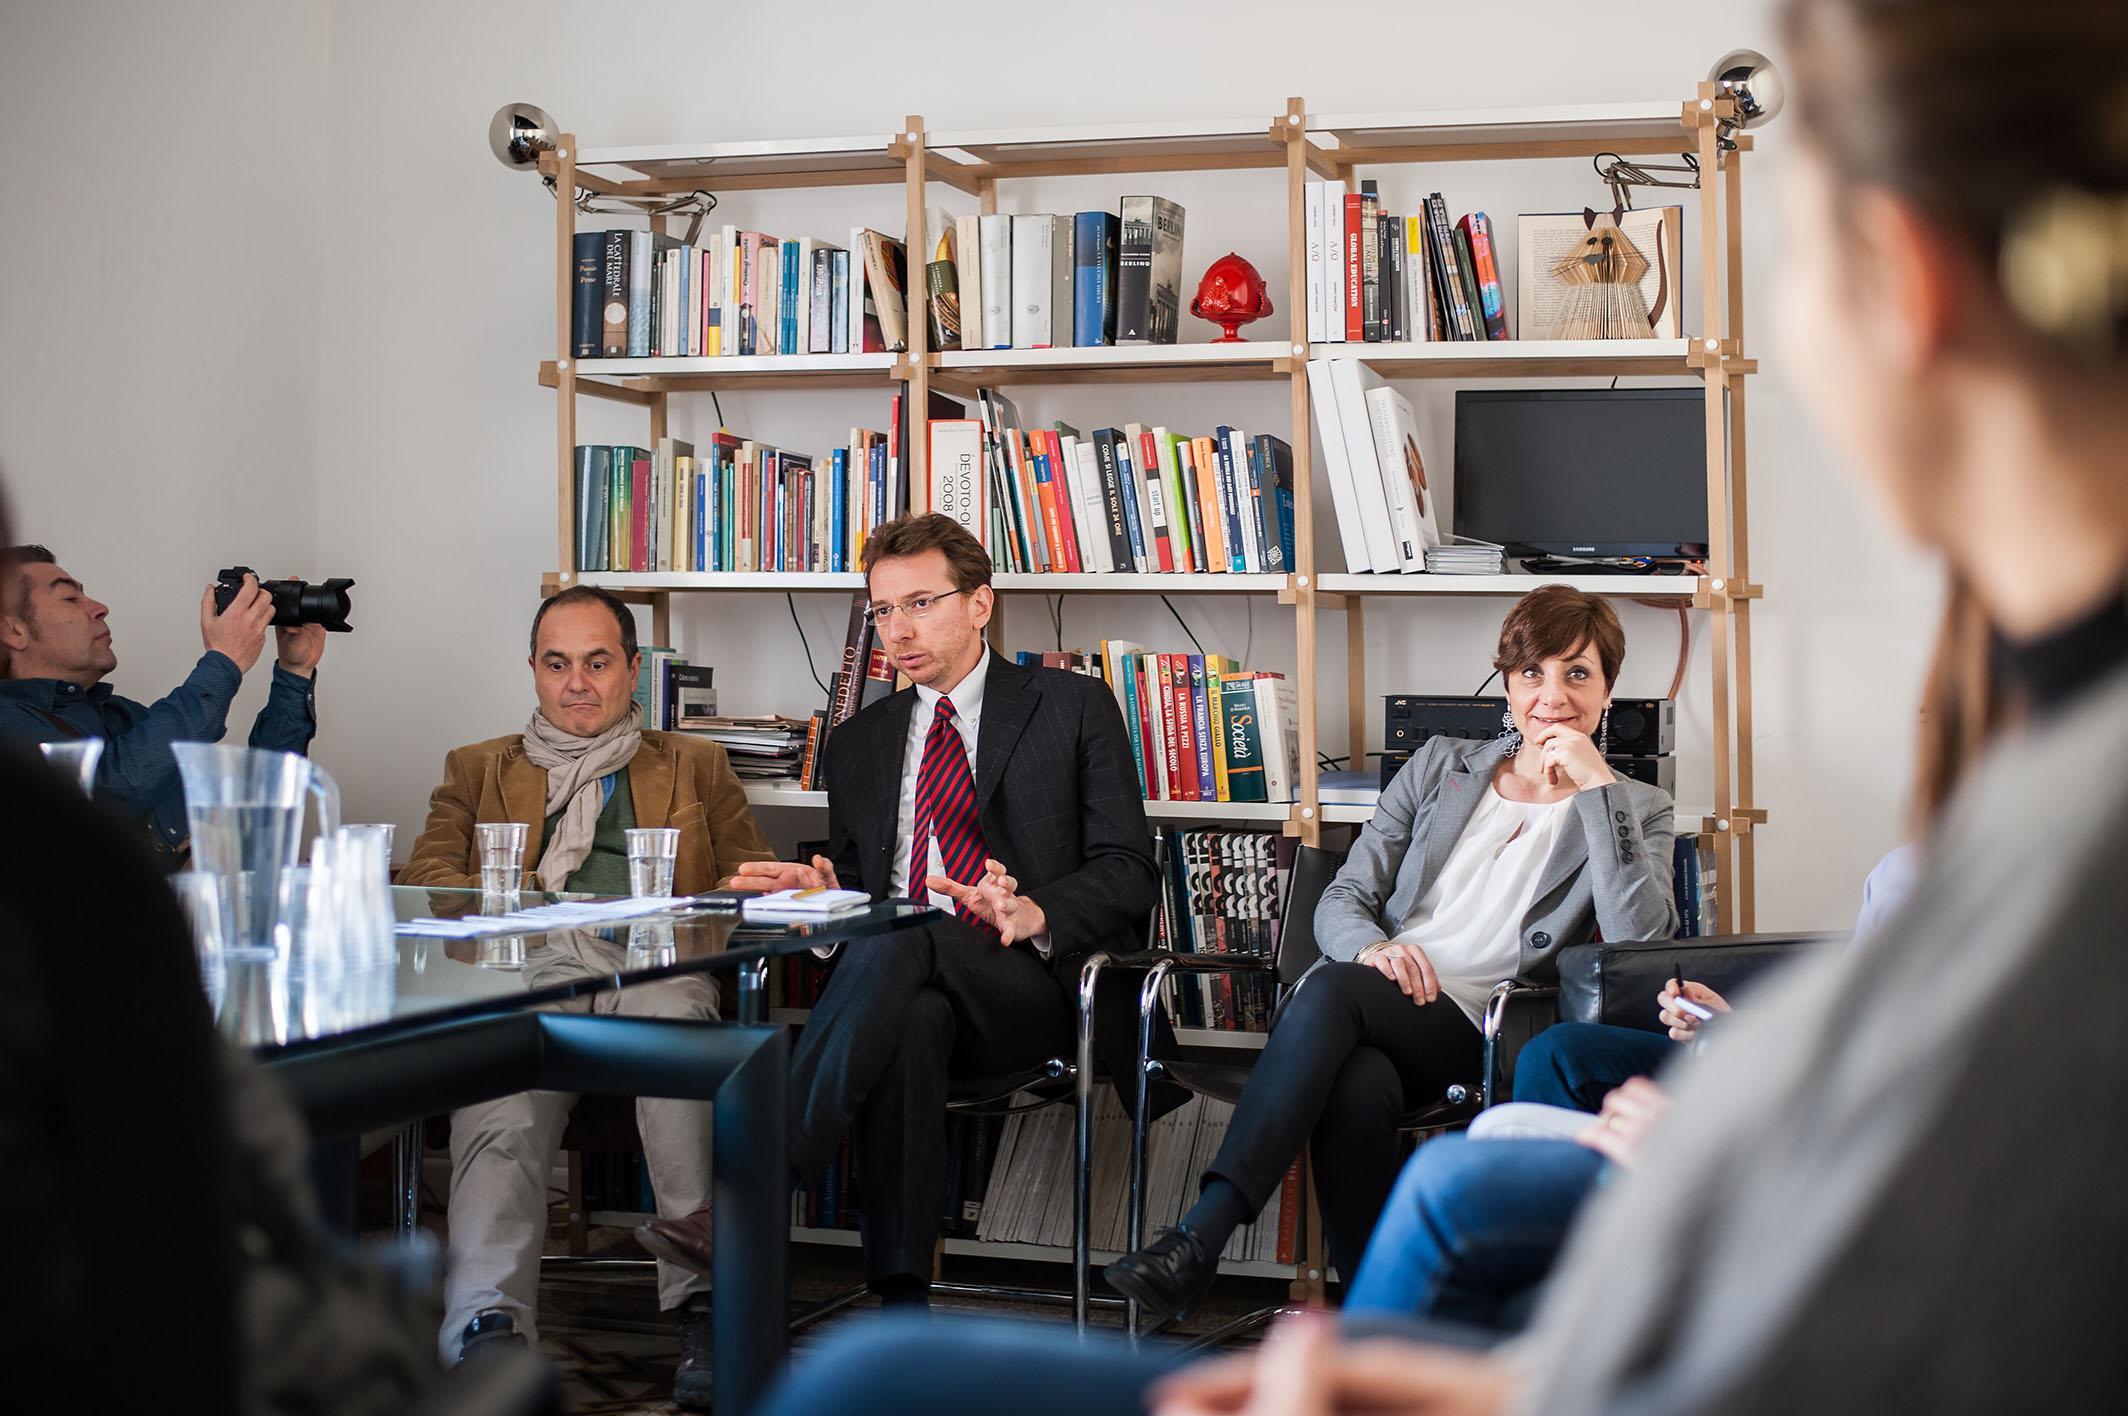 Conferenza con Andrea Ferraretto